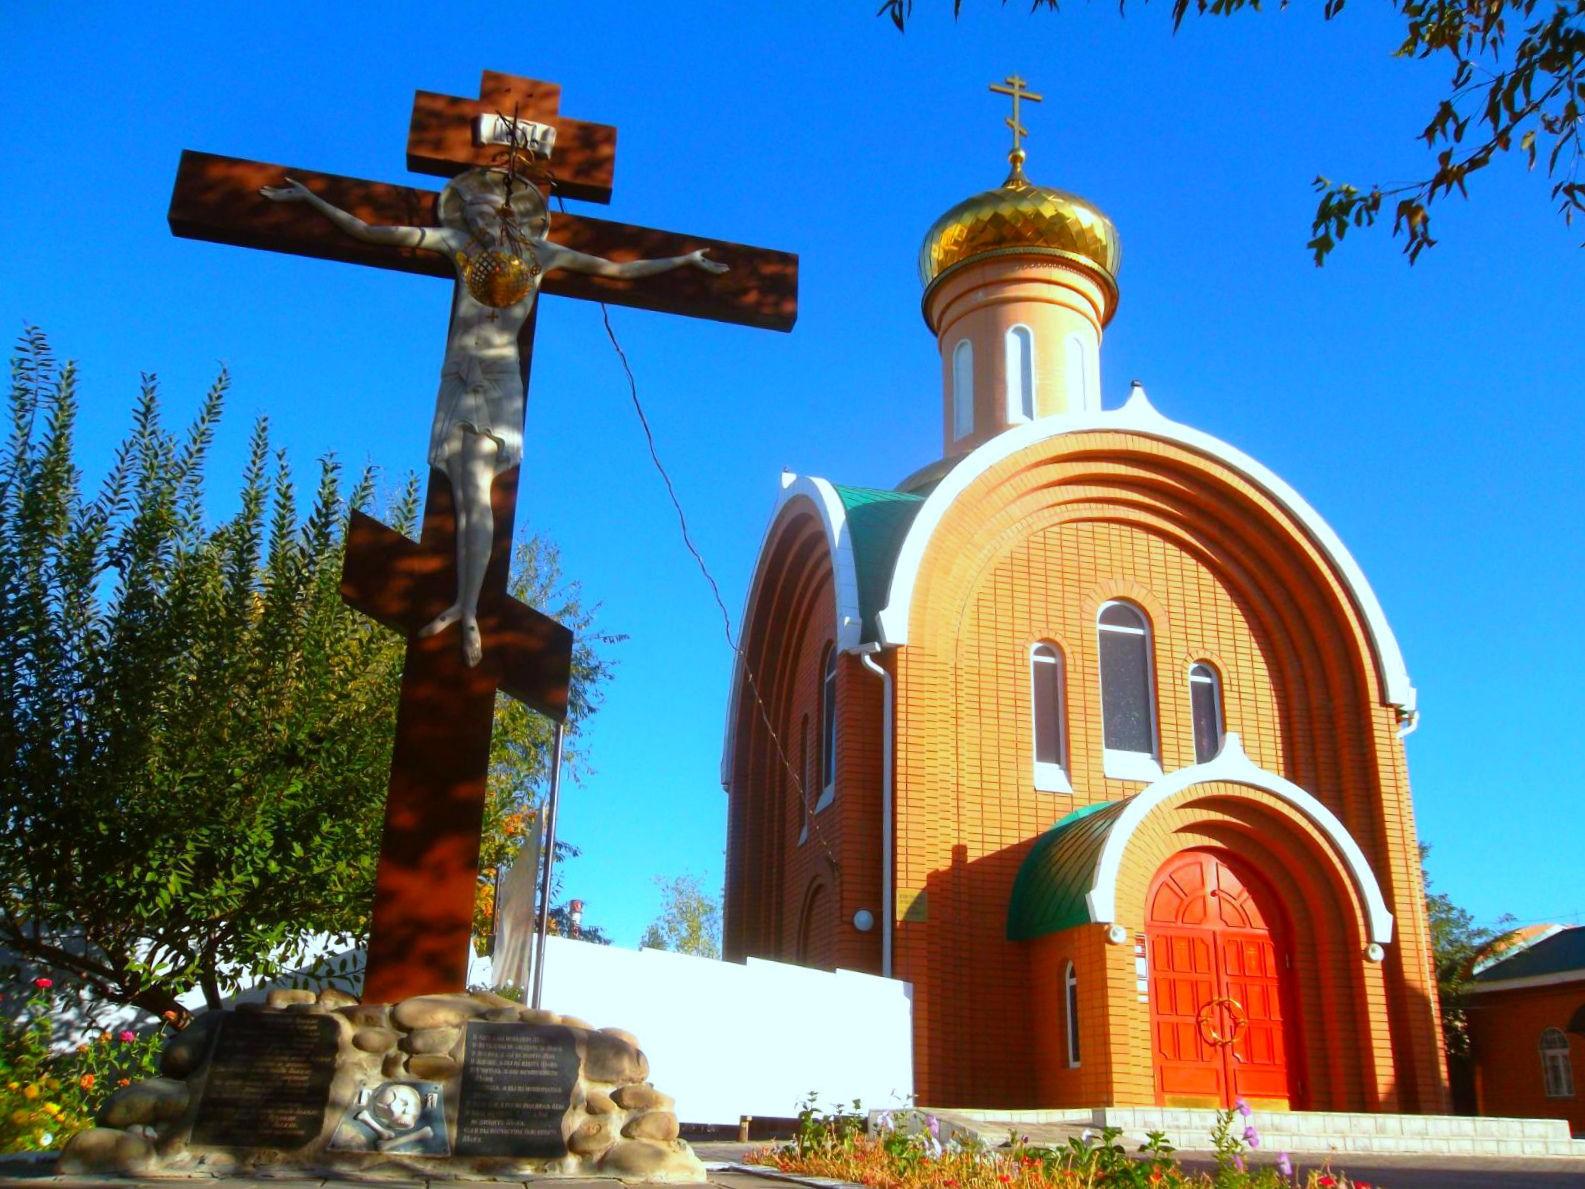 Сегодня Православная церковь вспоминает преставление Преподобного Сергия Радонежского